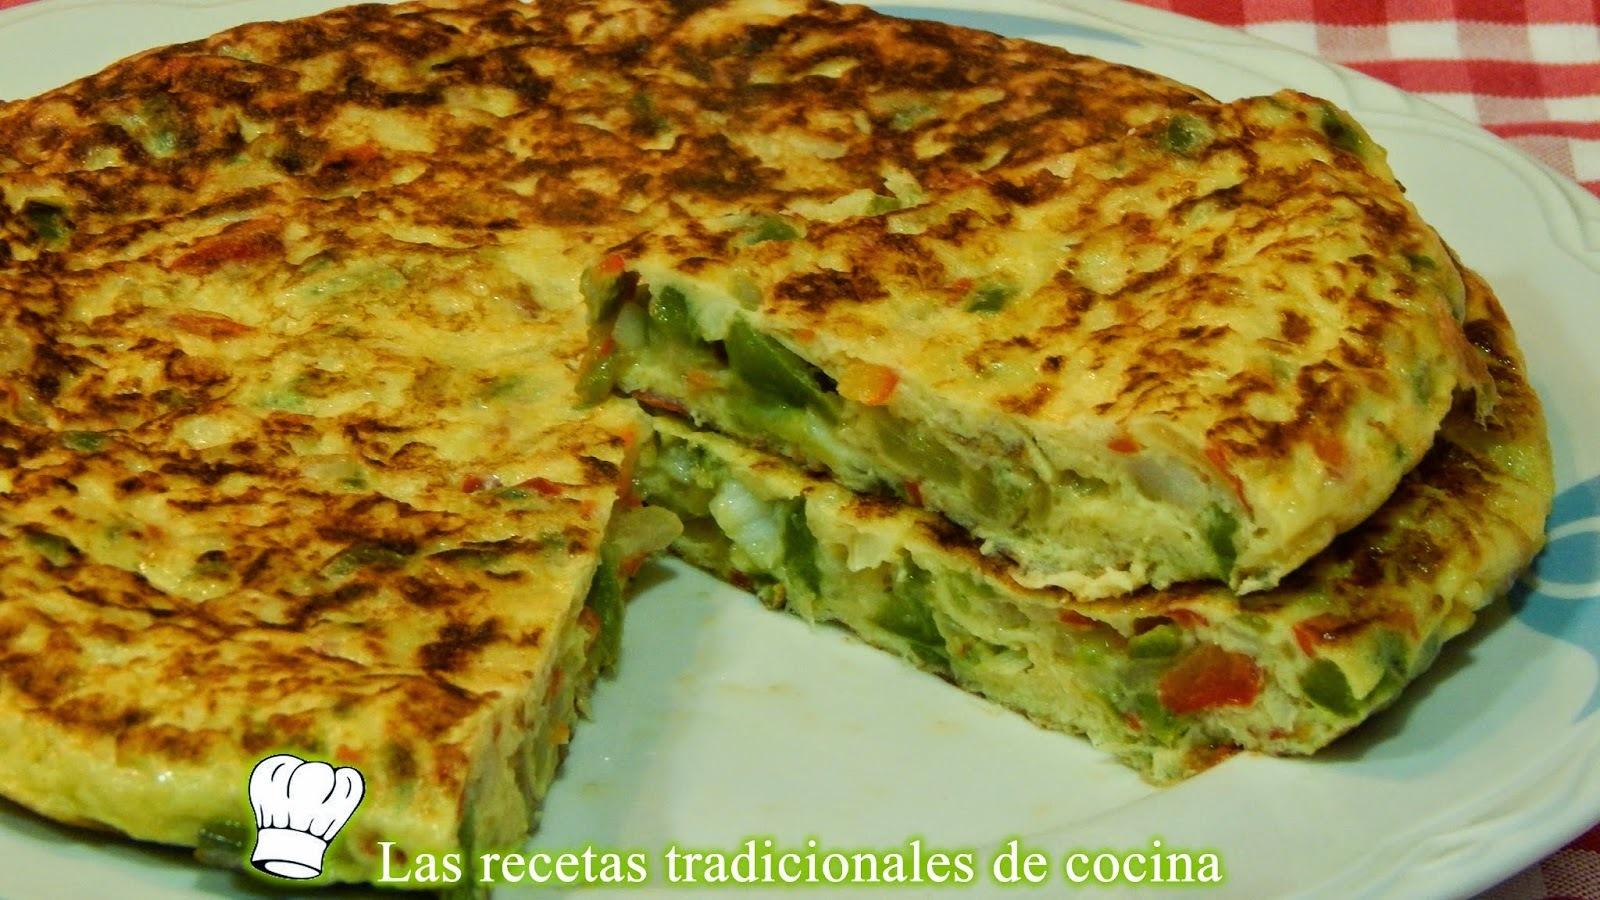 Receta fácil de tortilla de bacalao y pimientos